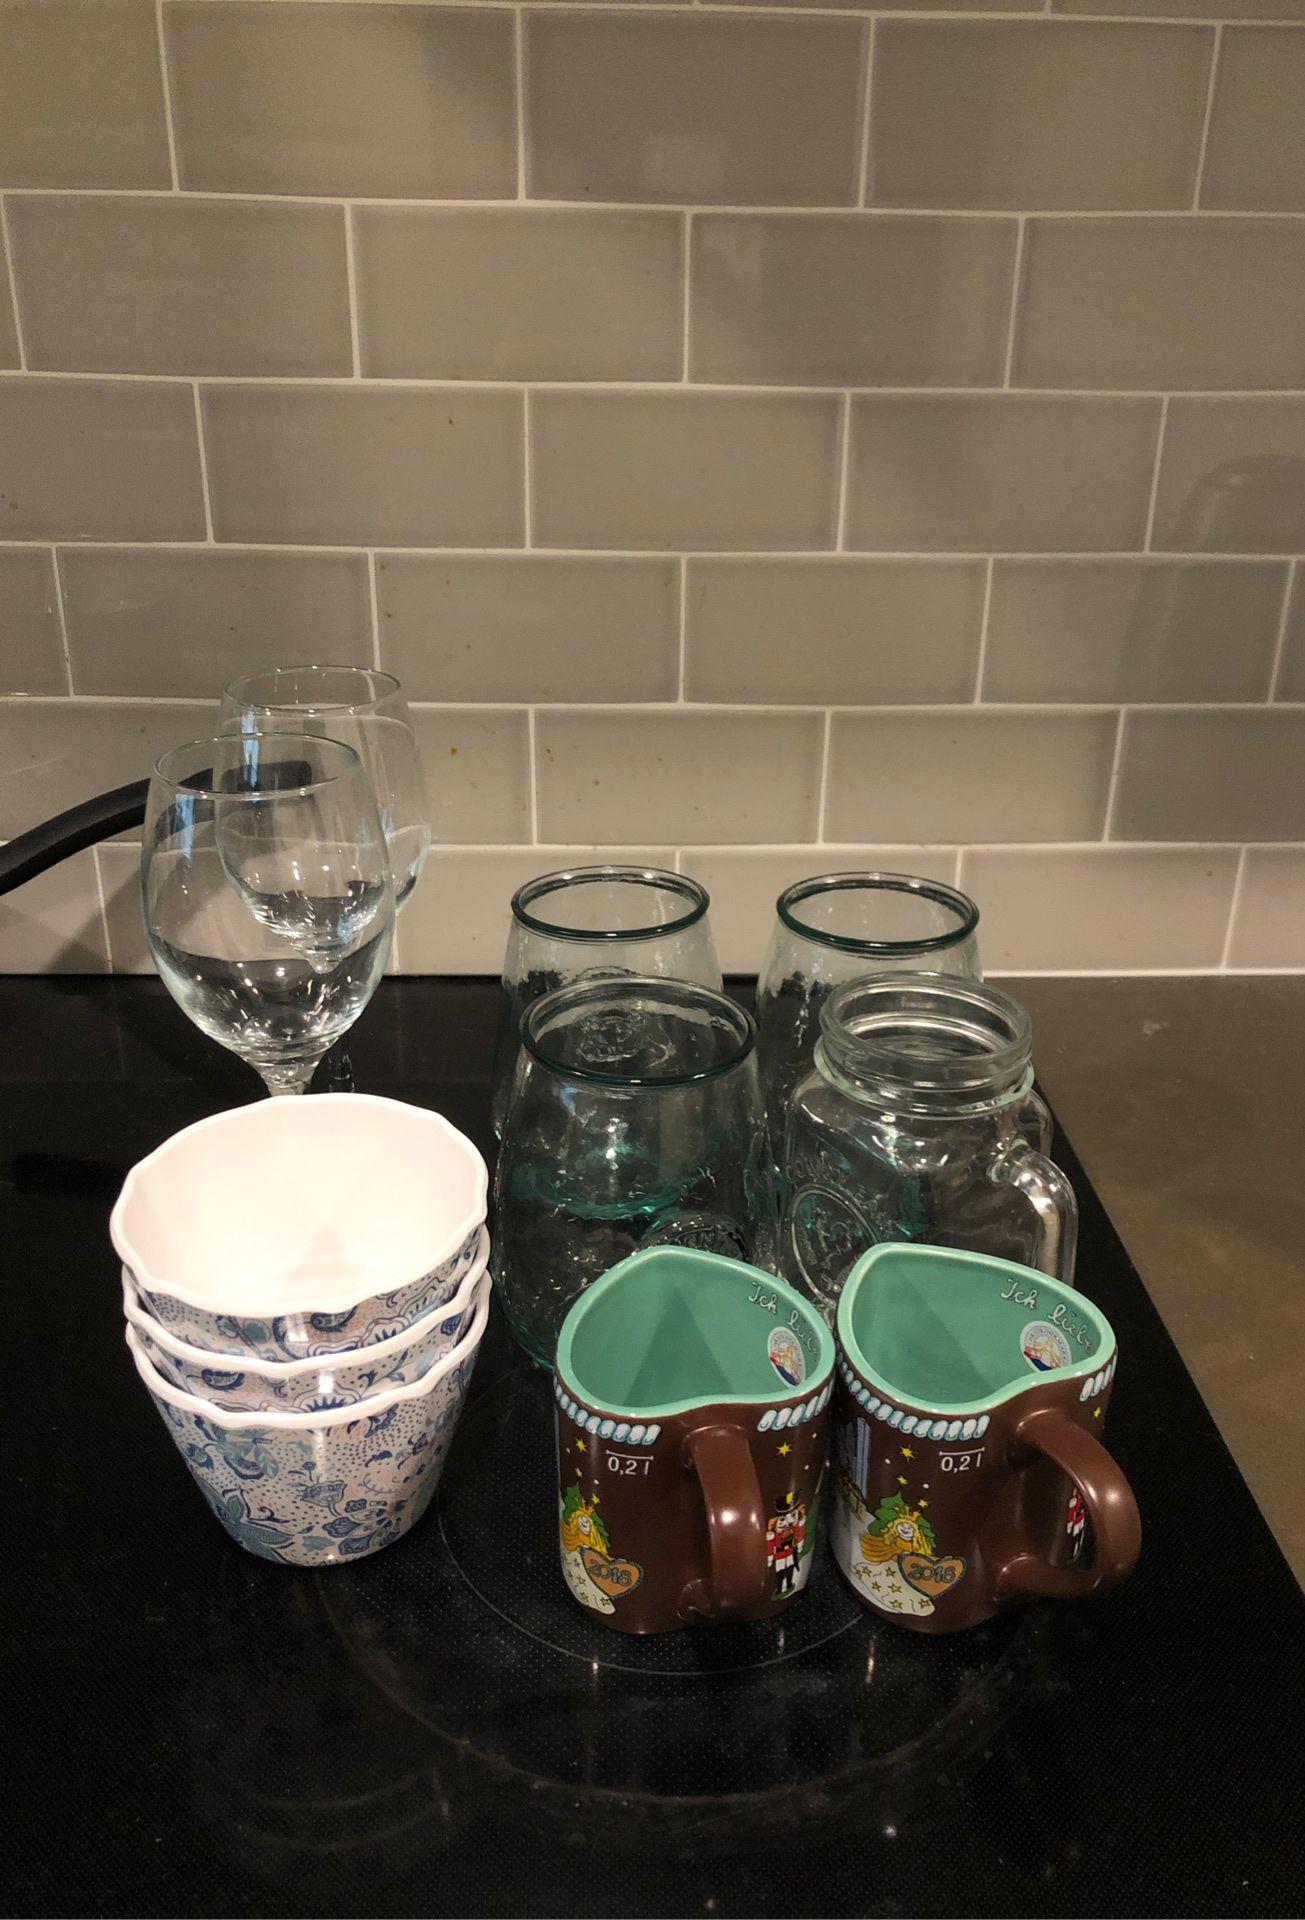 Wine glasses, cups, mugs